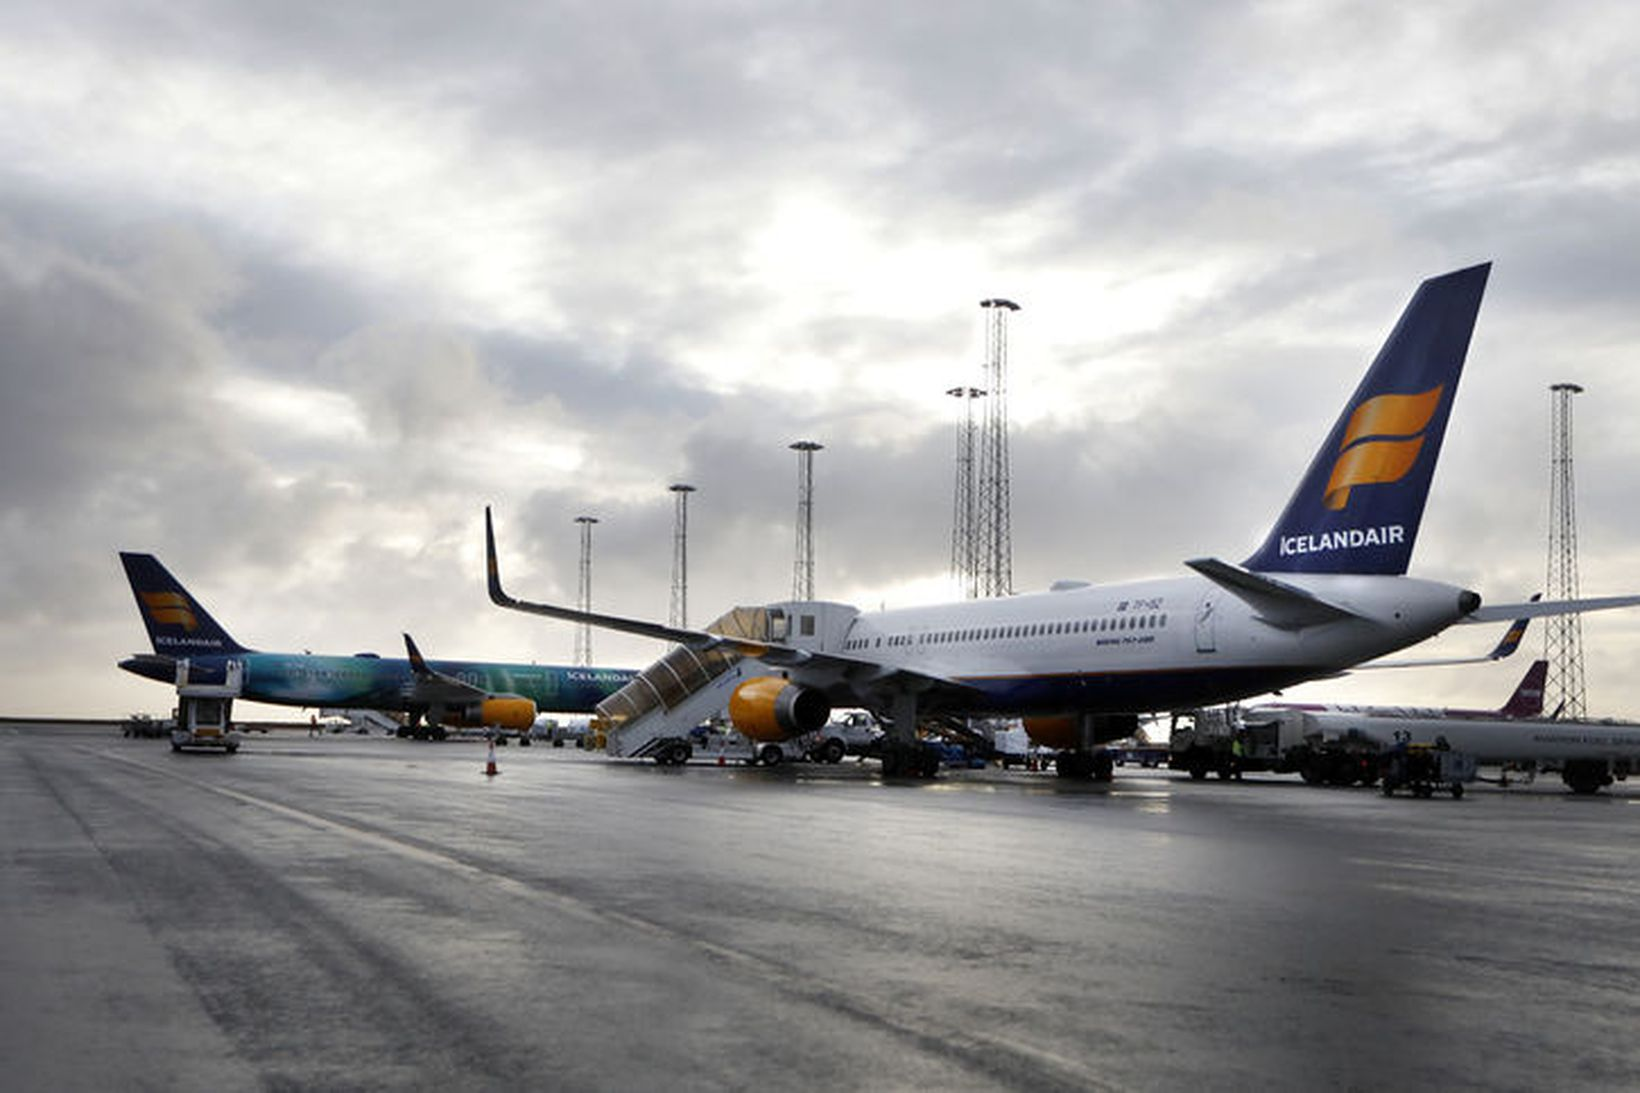 Icelandair-miðar til Orlando eru til sölu dohop.com fyrir helming af …